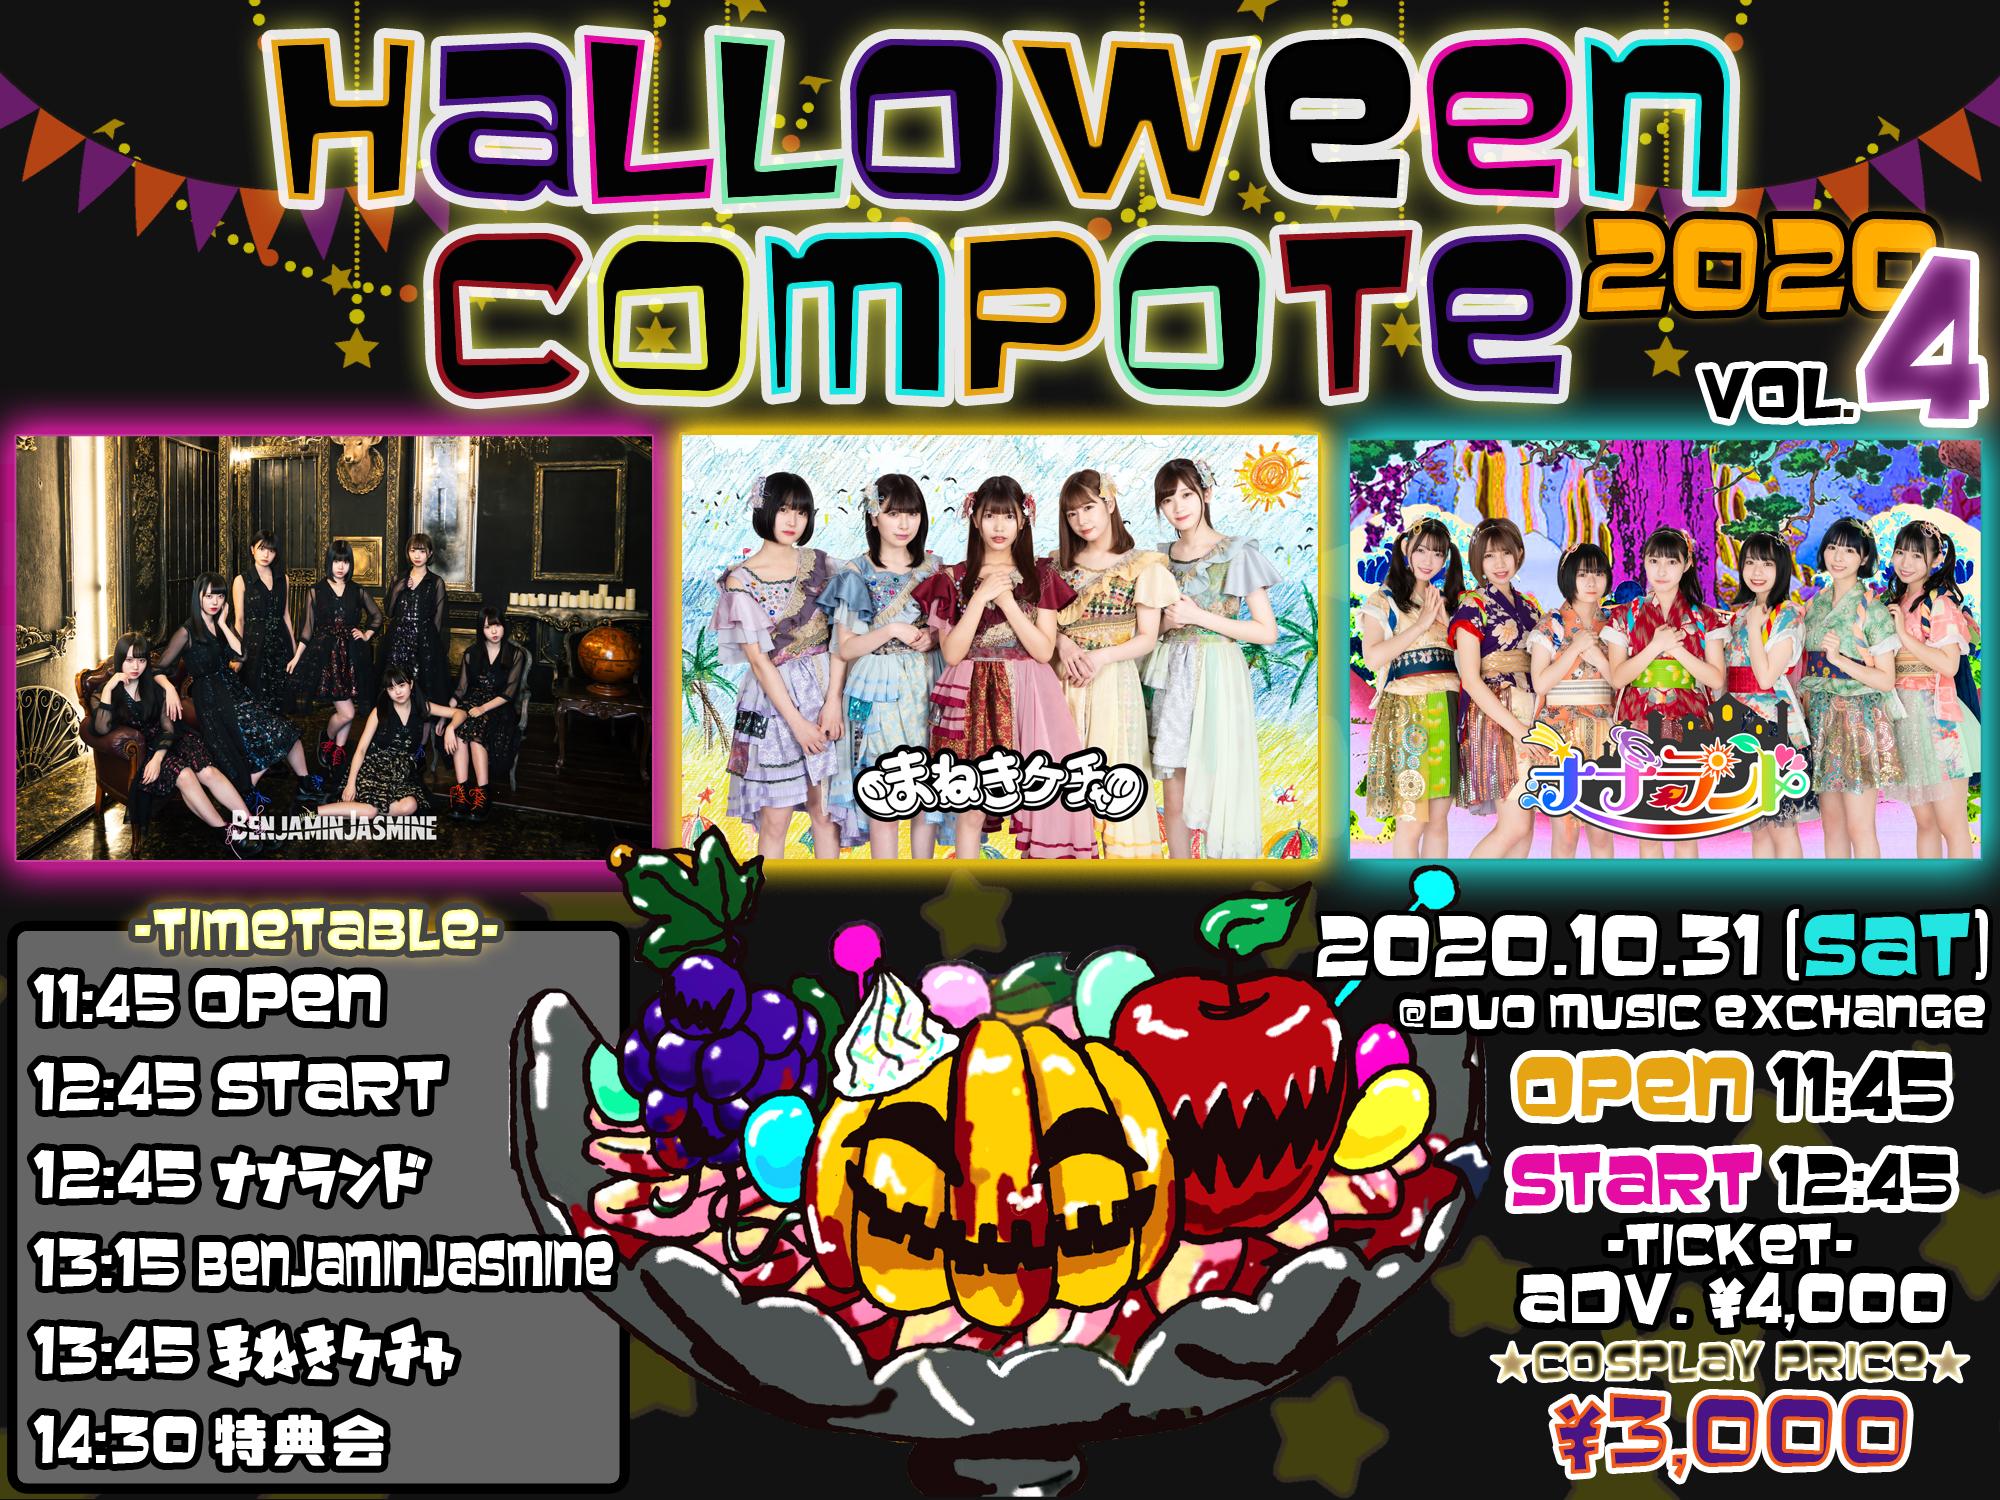 10月31日(土)『ハロウィンコンポート2020-vol4-』開催決定!